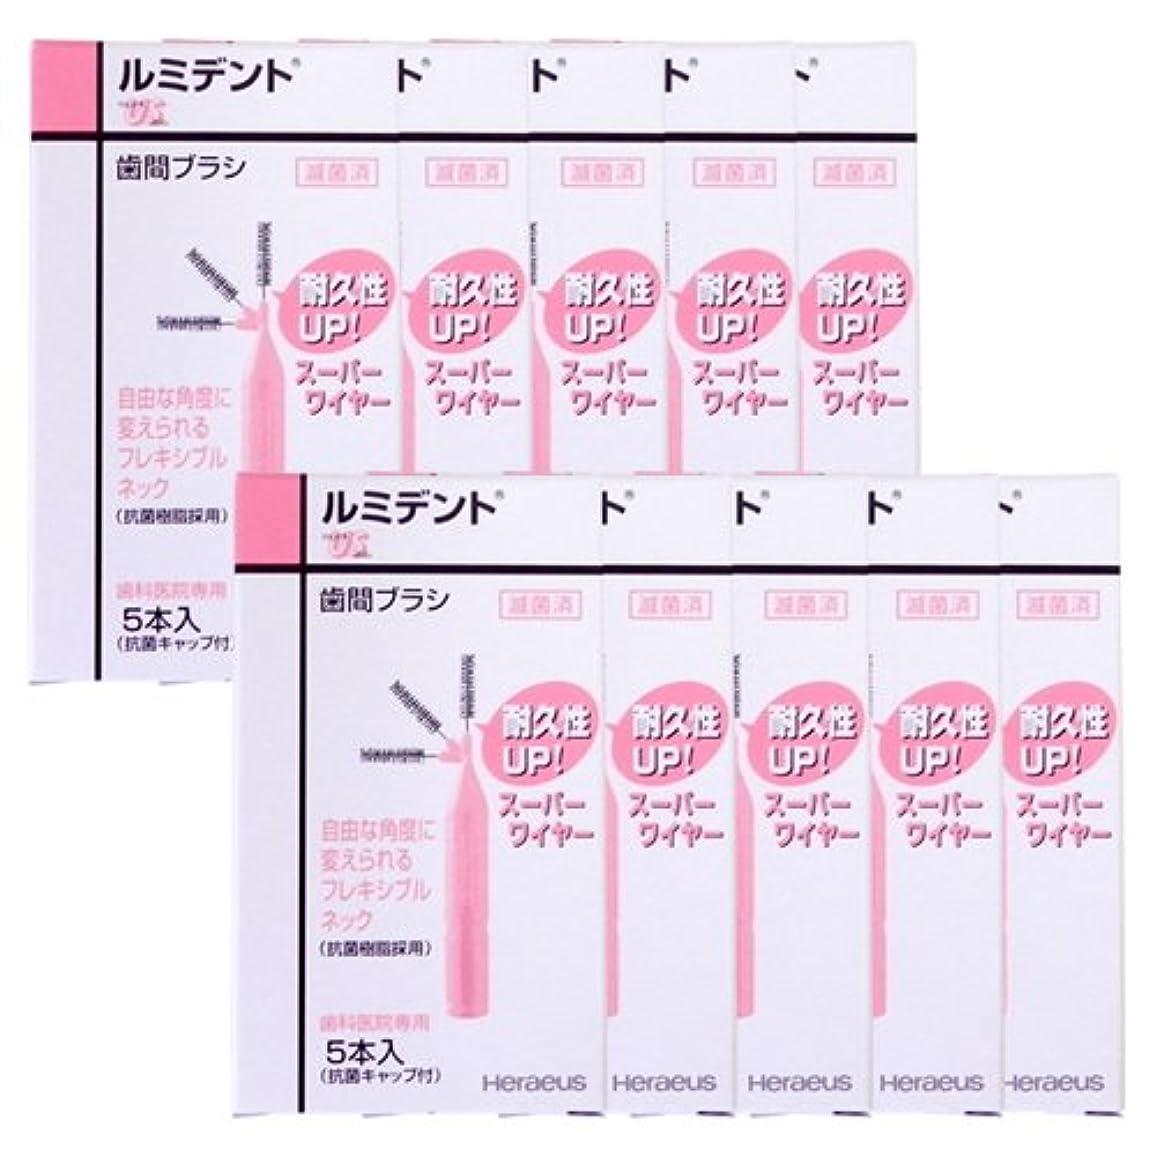 ドットジレンマビュッフェヘレウス ルミデント 歯間ブラシ 5本入 × 10個 US ピンク